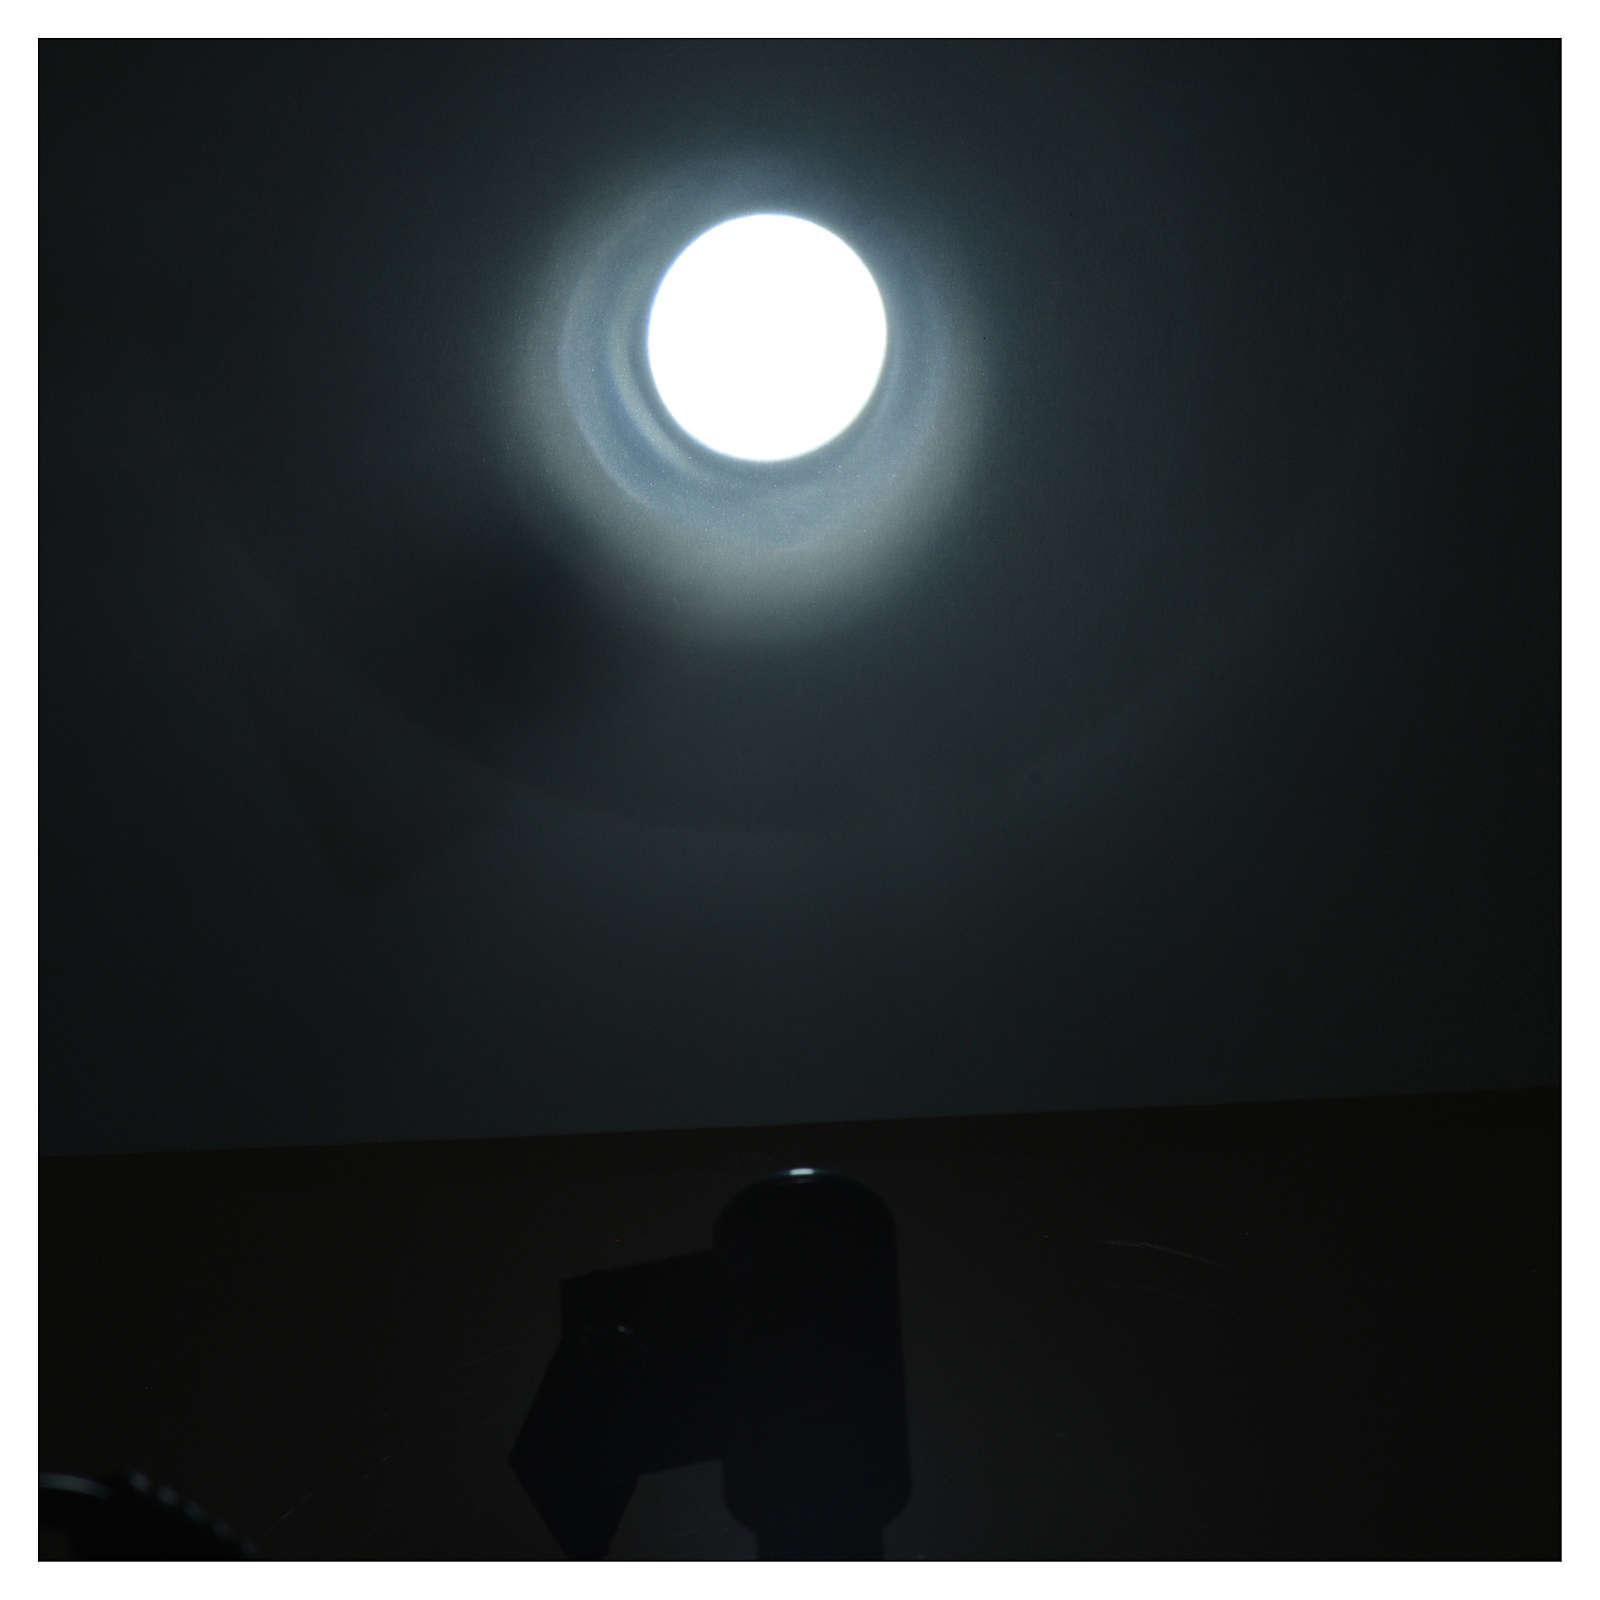 Micro projecteur pleine lune pour centrale Frisalight 4